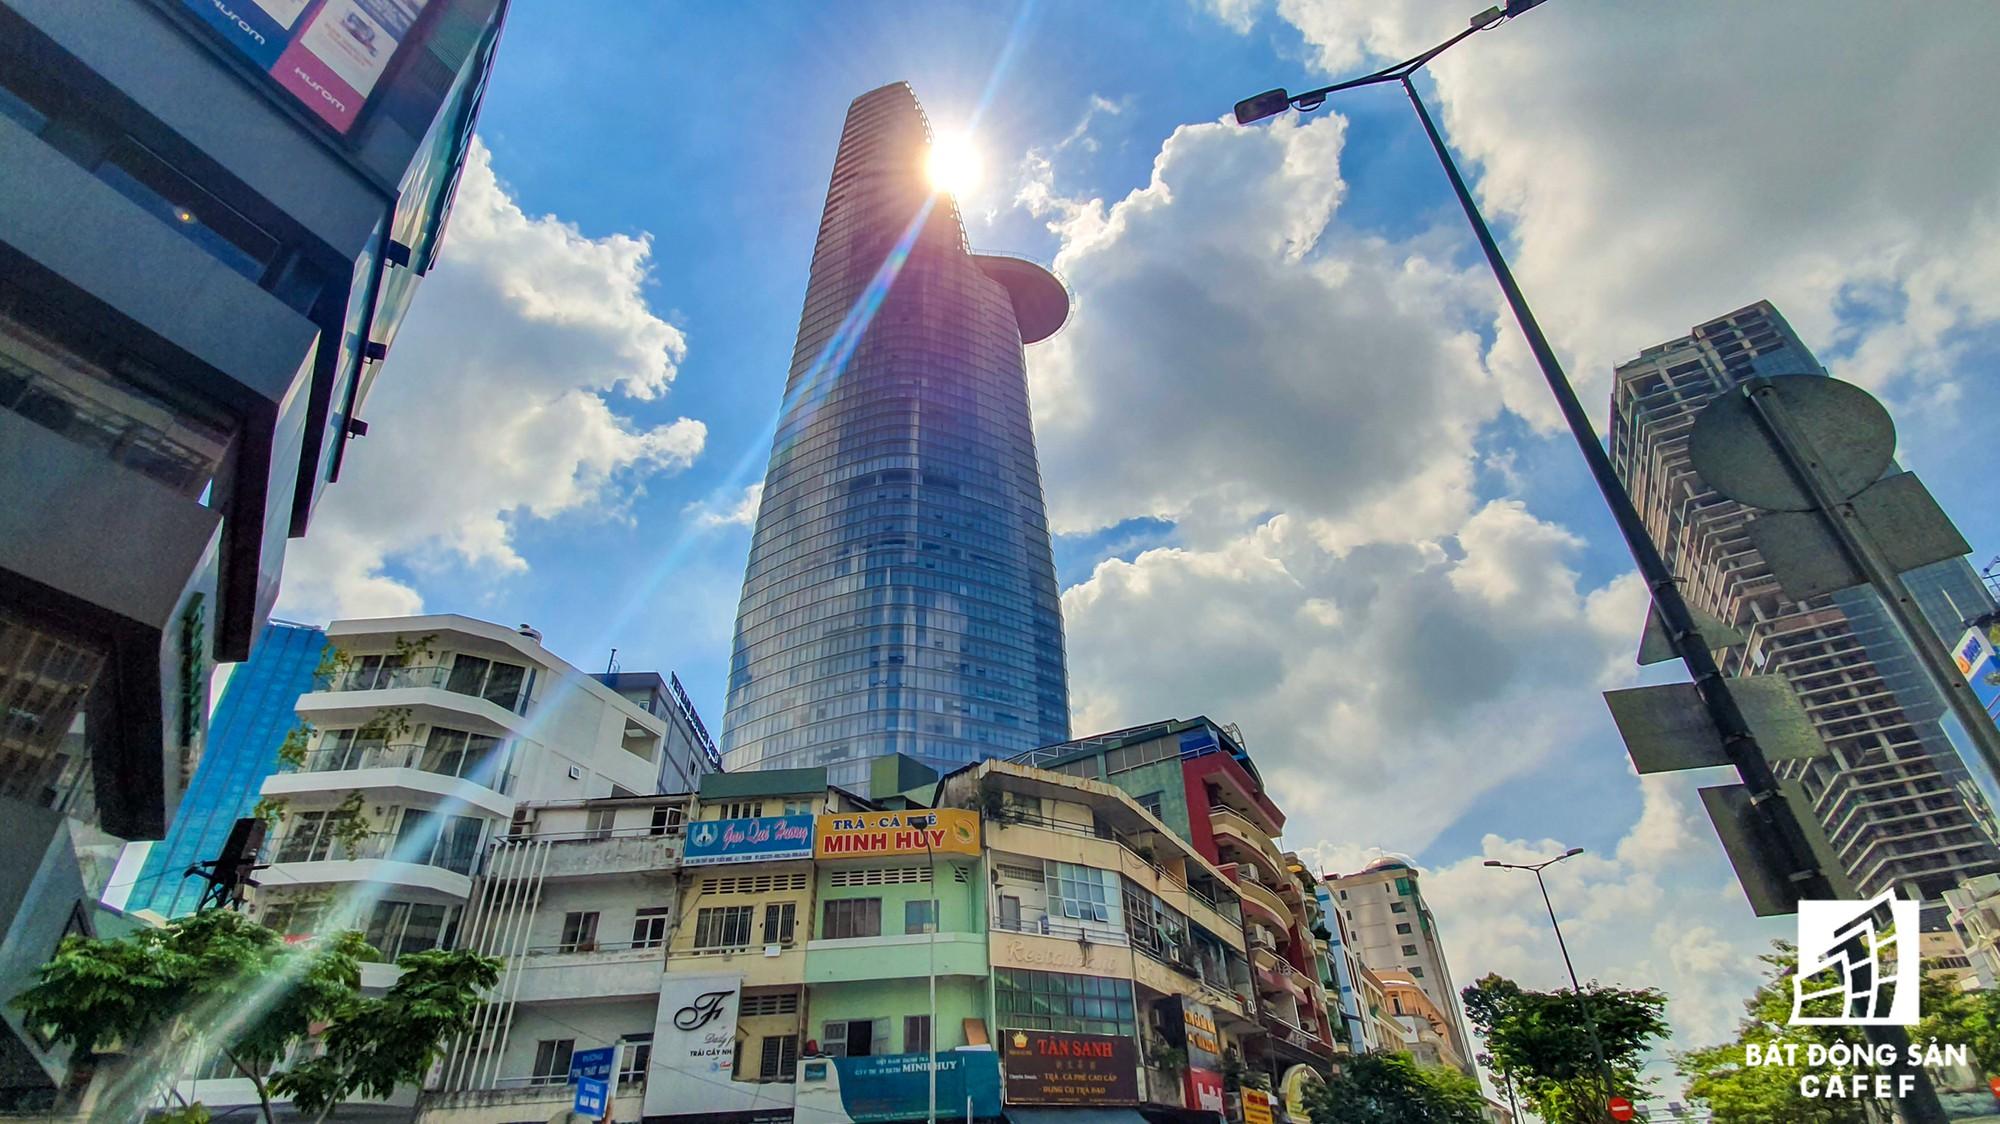 Toàn cảnh con đường có giá bất động sản đắt đỏ nhất Việt Nam, lên tới 2 tỷ đồng một m2 - Ảnh 20.